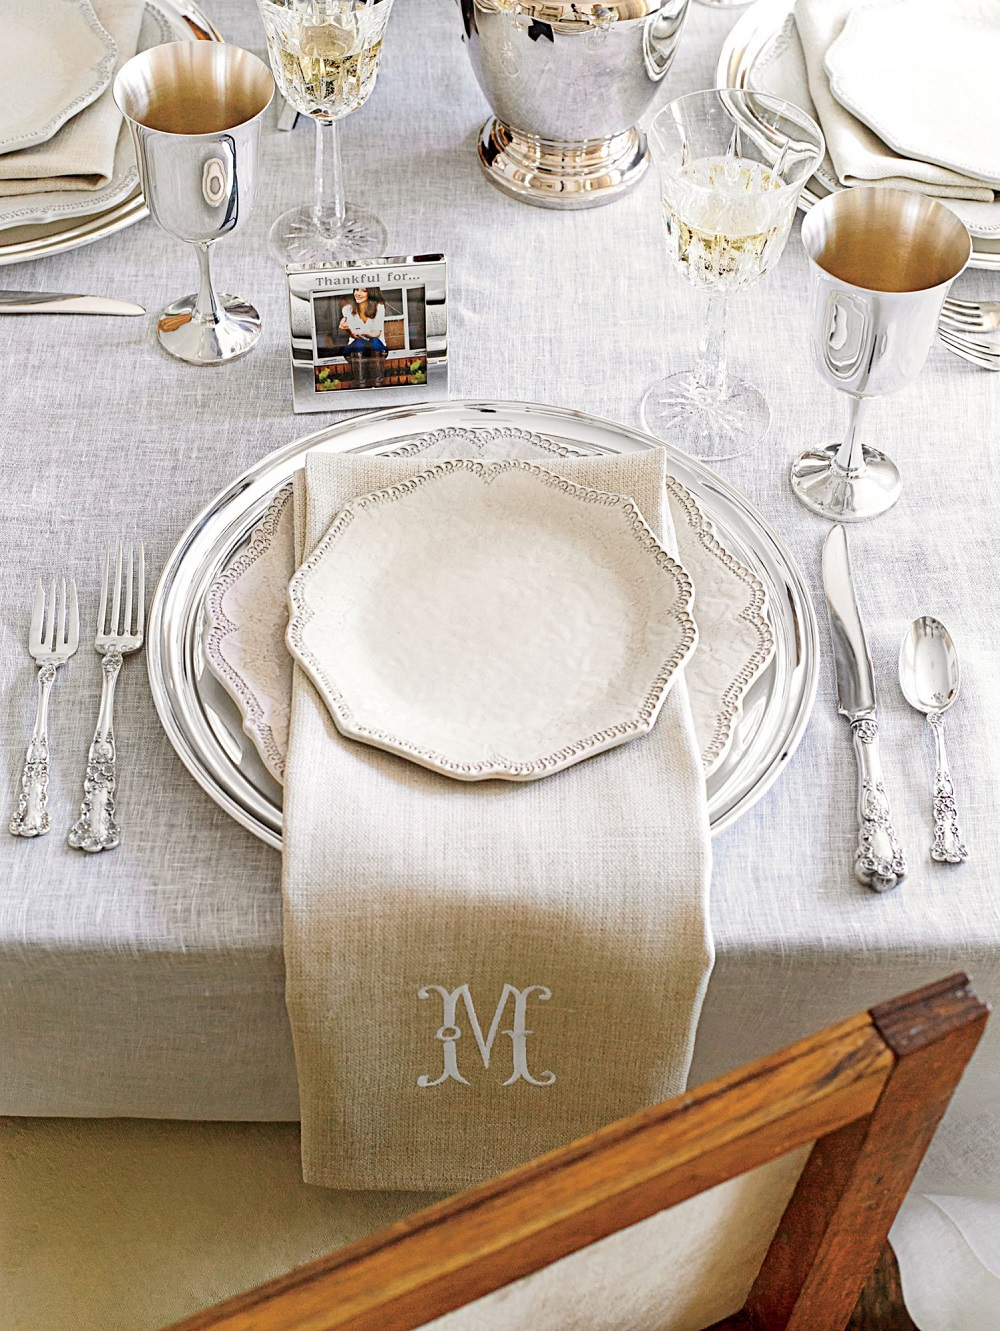 t3-65 Idées de décoration de Thanksgiving qui donneront une belle apparence à votre maison